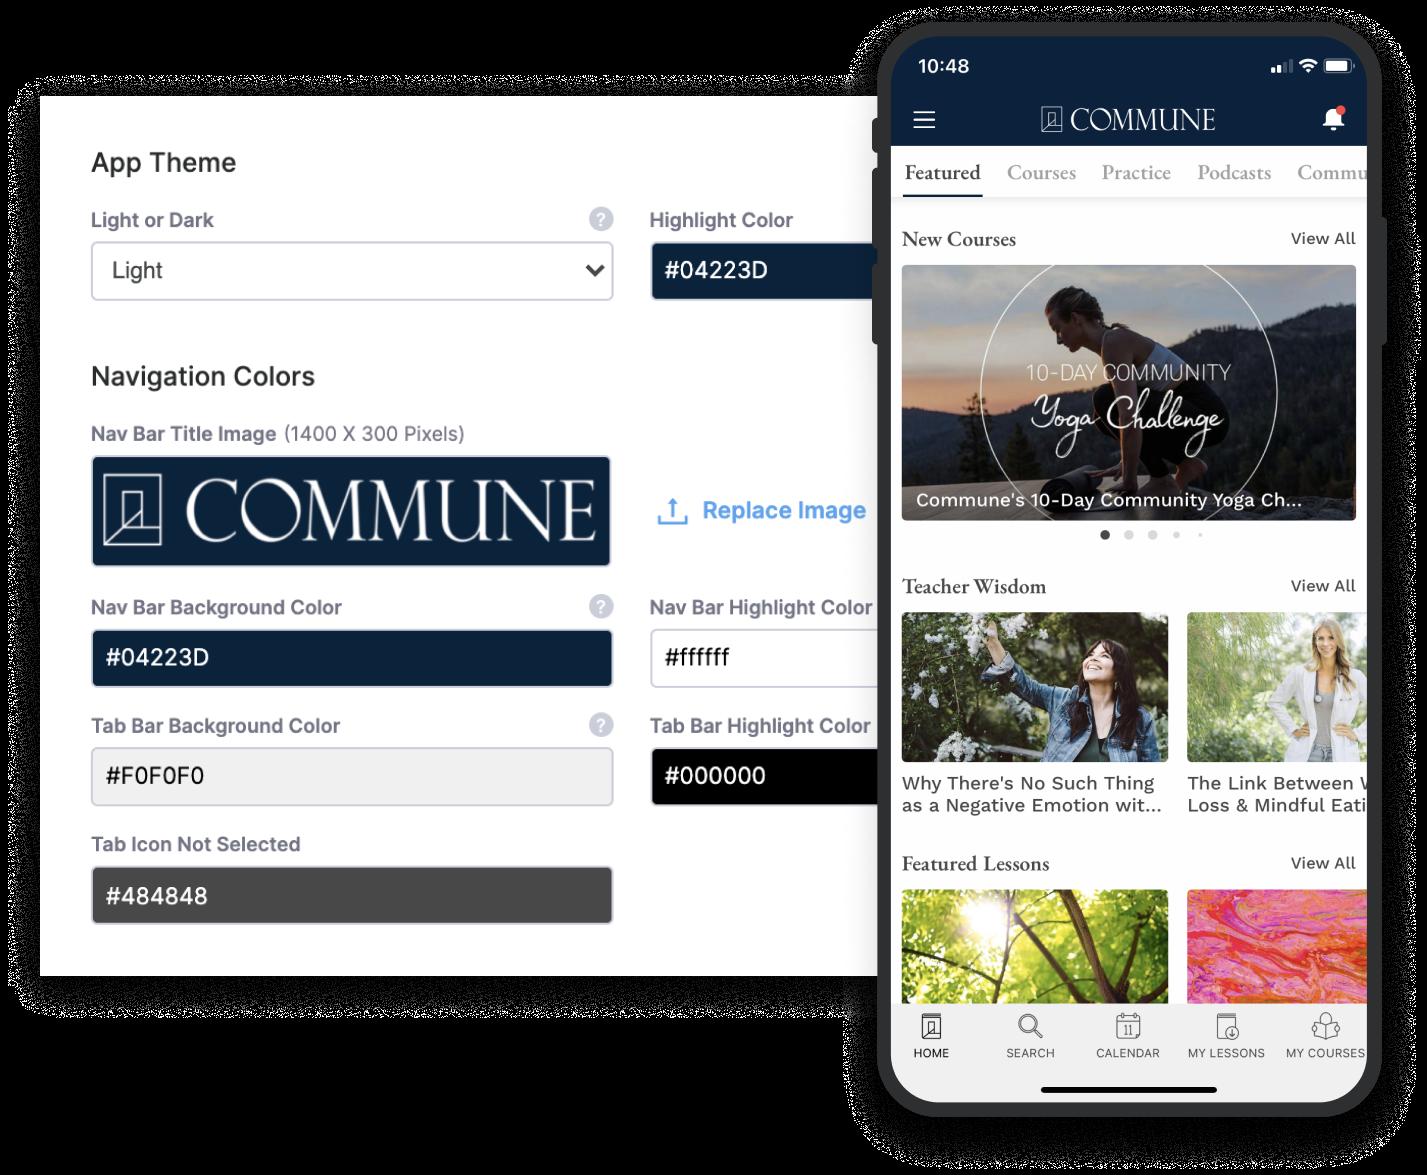 app-mobile-ott-education-commune.png